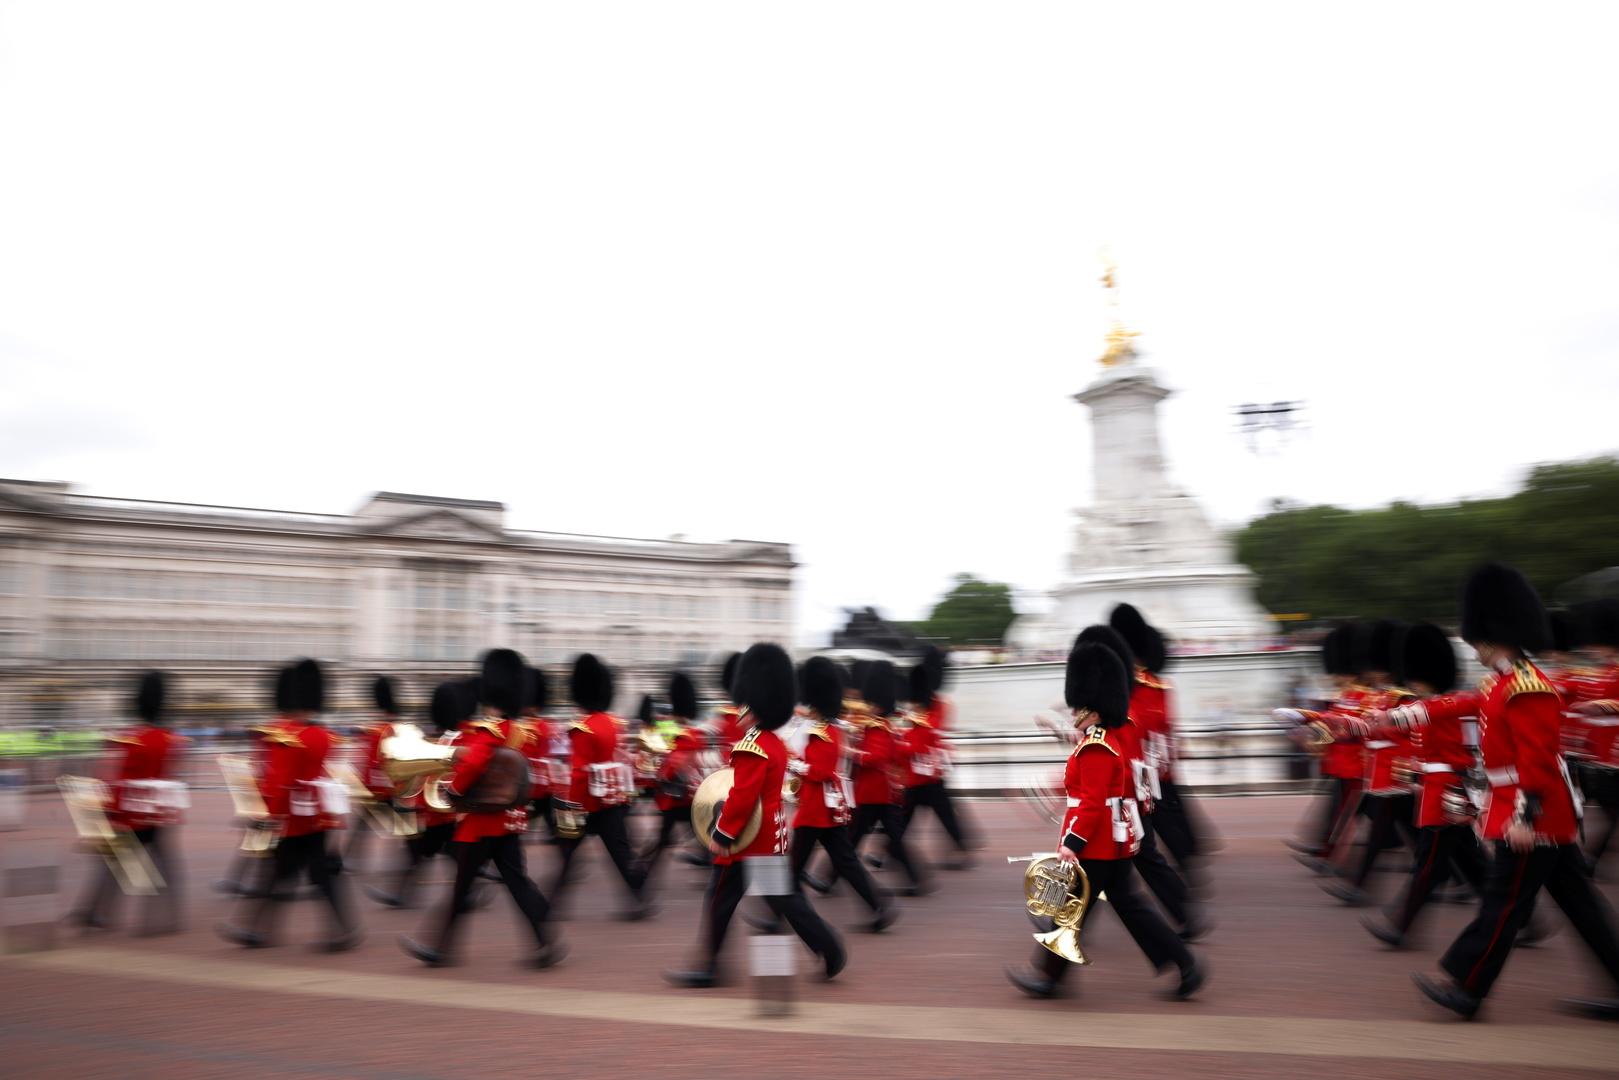 بعد توقف لأكثر من عام بسبب كورونا قصر باكينغهام يعيد مراسم تبديل الحرس (صور)